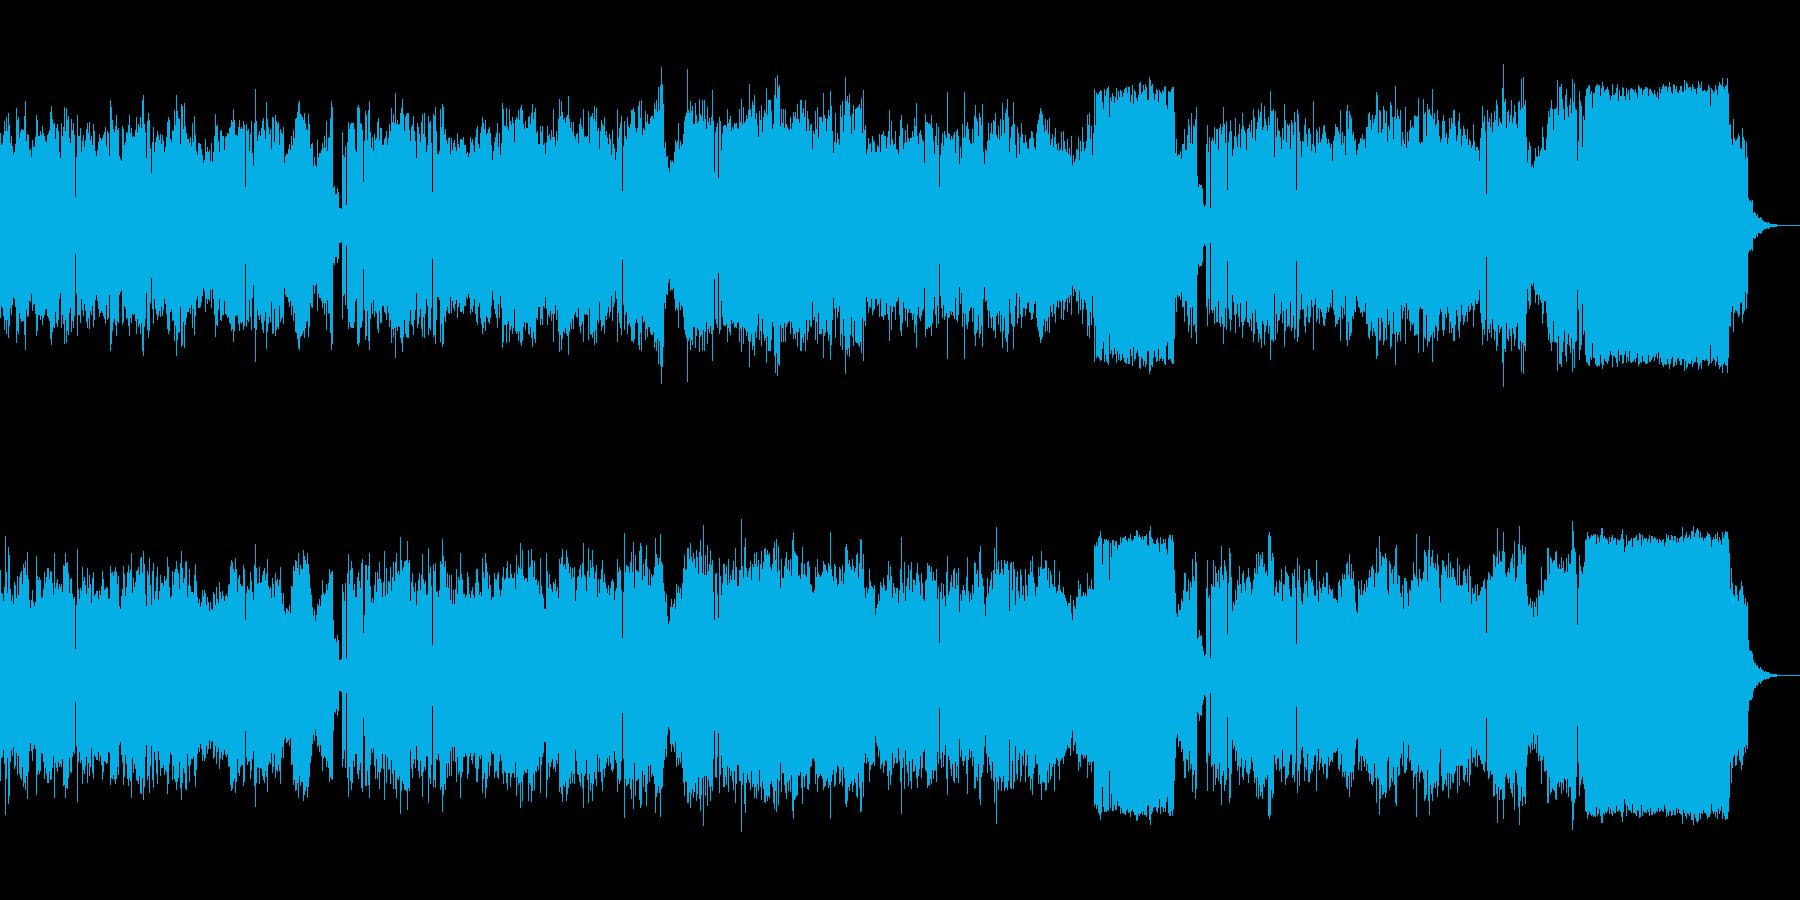 緊迫感のあるプログレ変拍子ボス系の曲【…の再生済みの波形